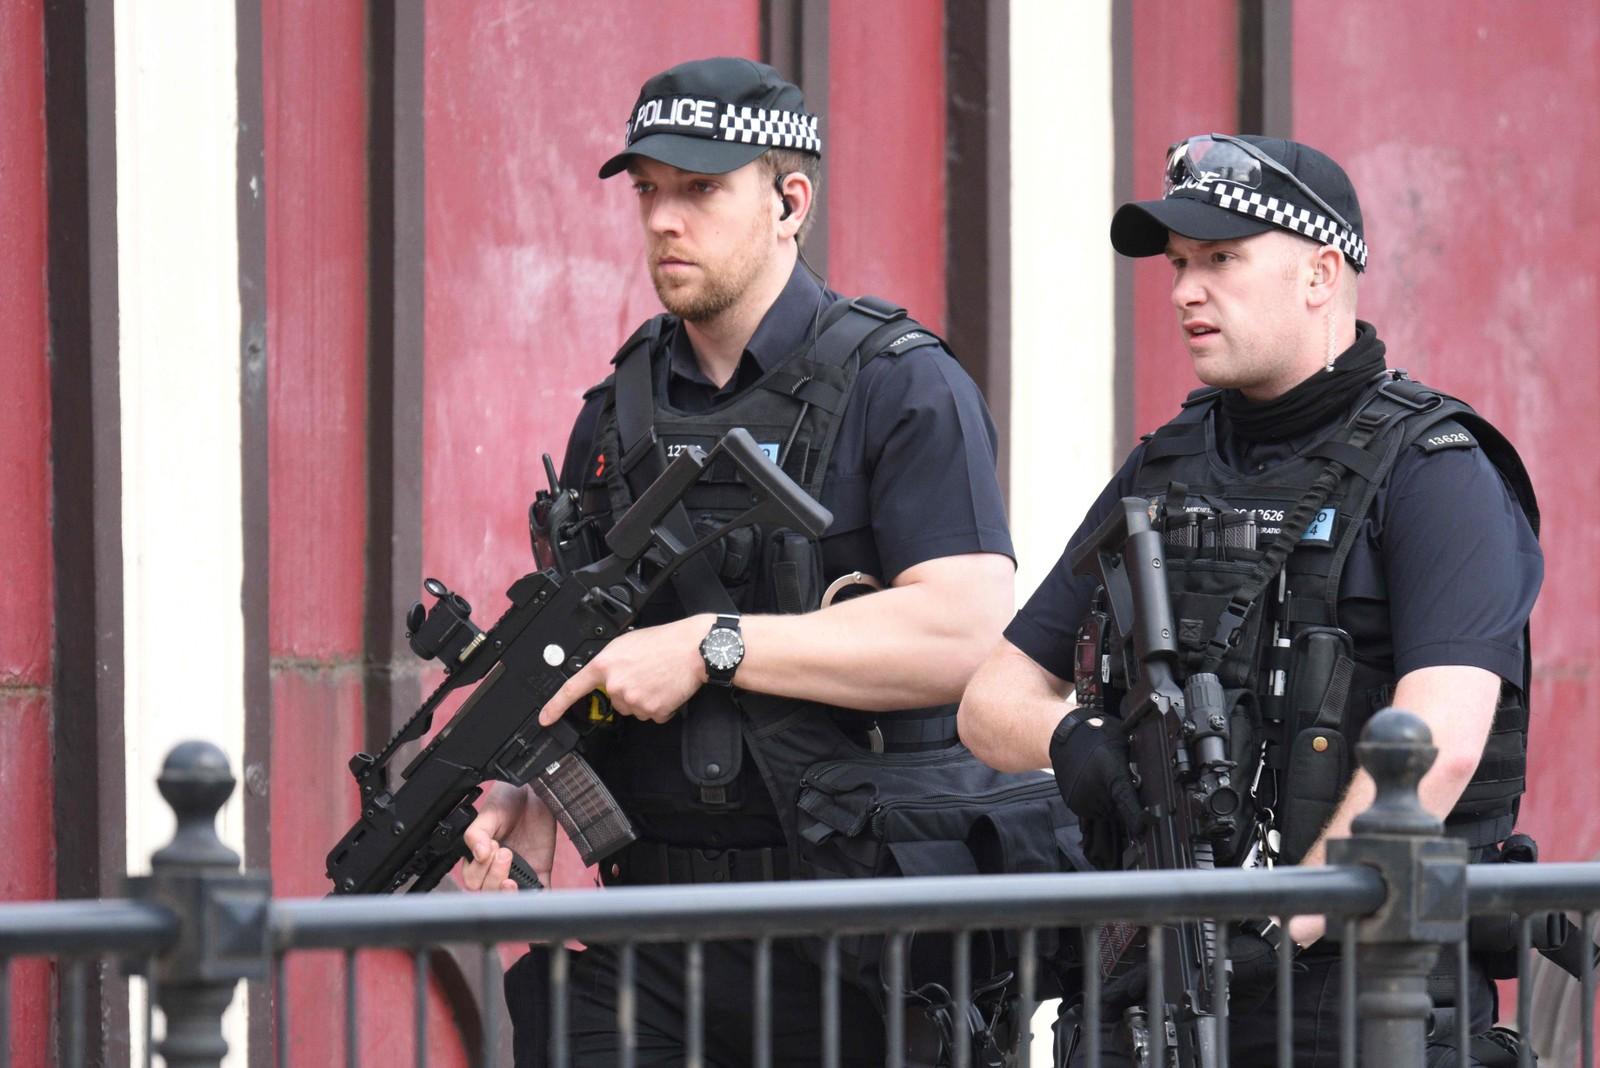 Politiet i Manchester er bevæpnet etter mandagens angrep mot konsertlokalet.